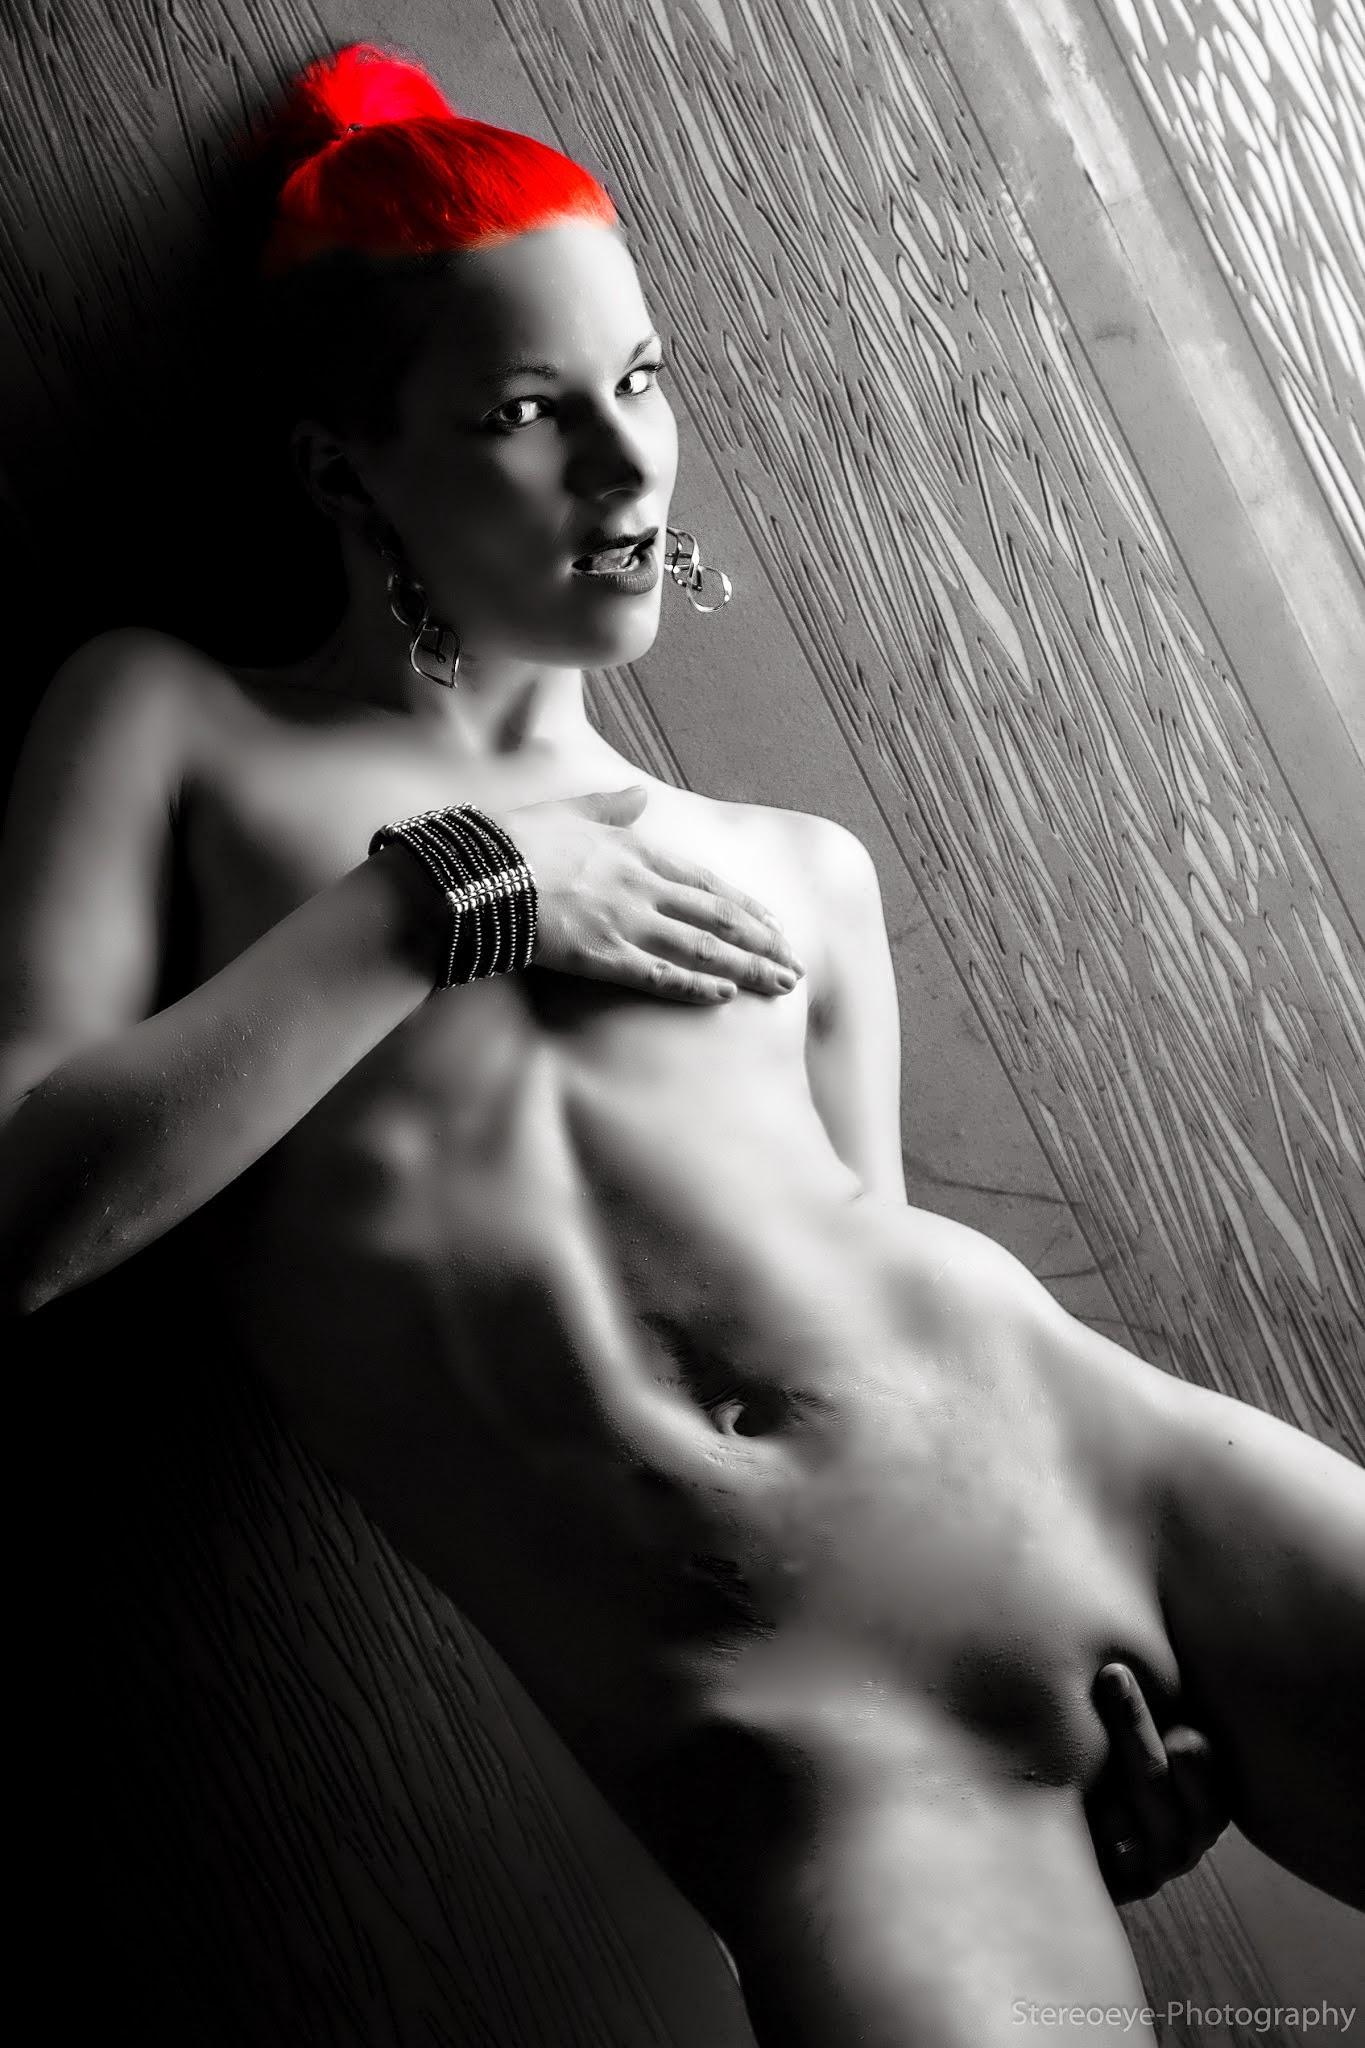 dom und sup video erotik hostessen